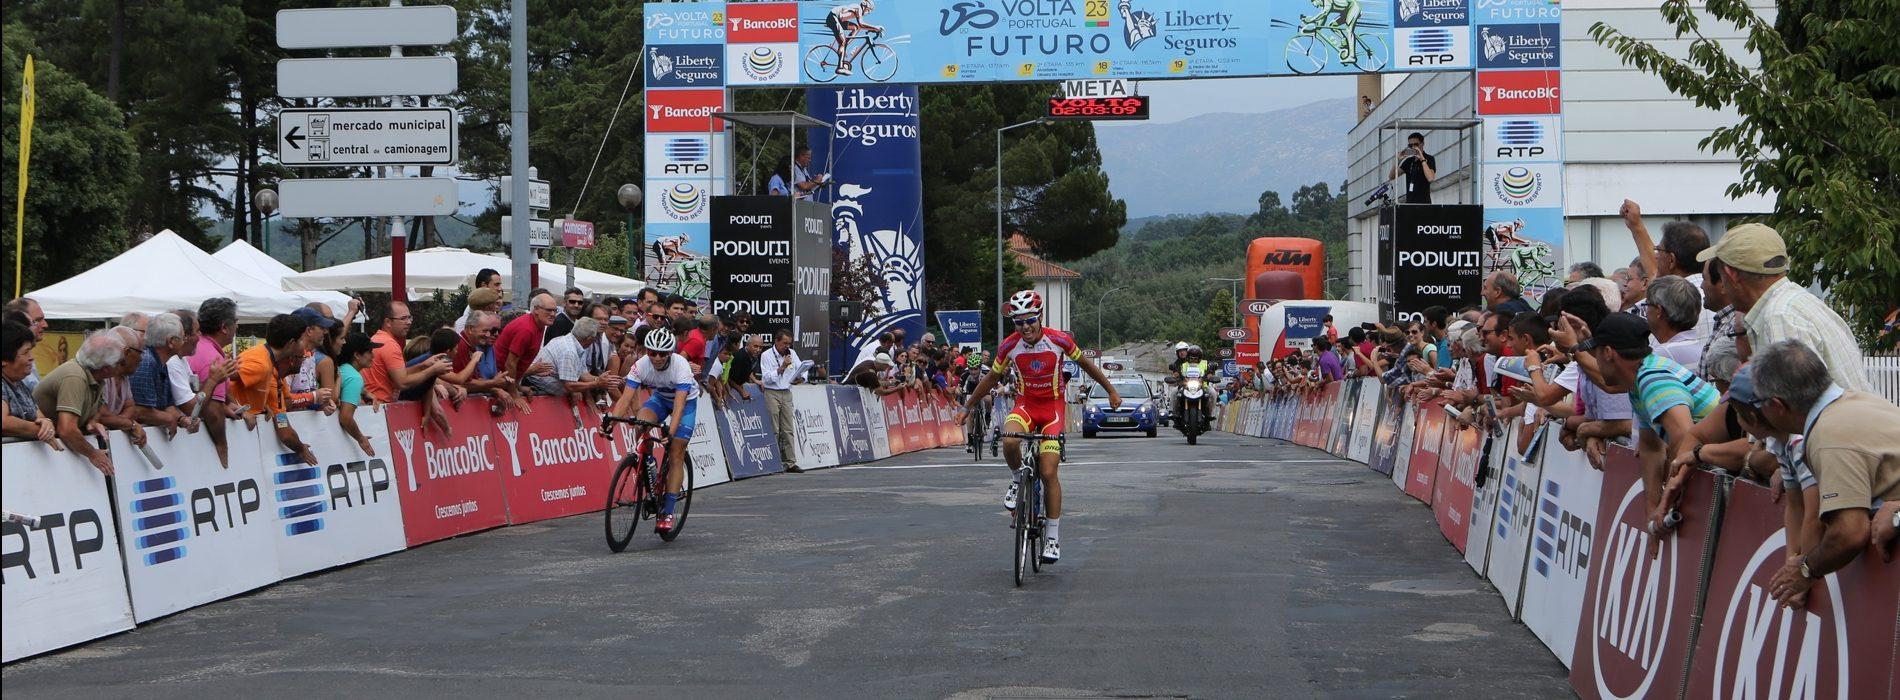 """Alexandrino diz que chegada da Volta do Futuro é """"estratégia de marketing"""" e apela aos oliveirenses para que apoiem os jovens ciclistas"""